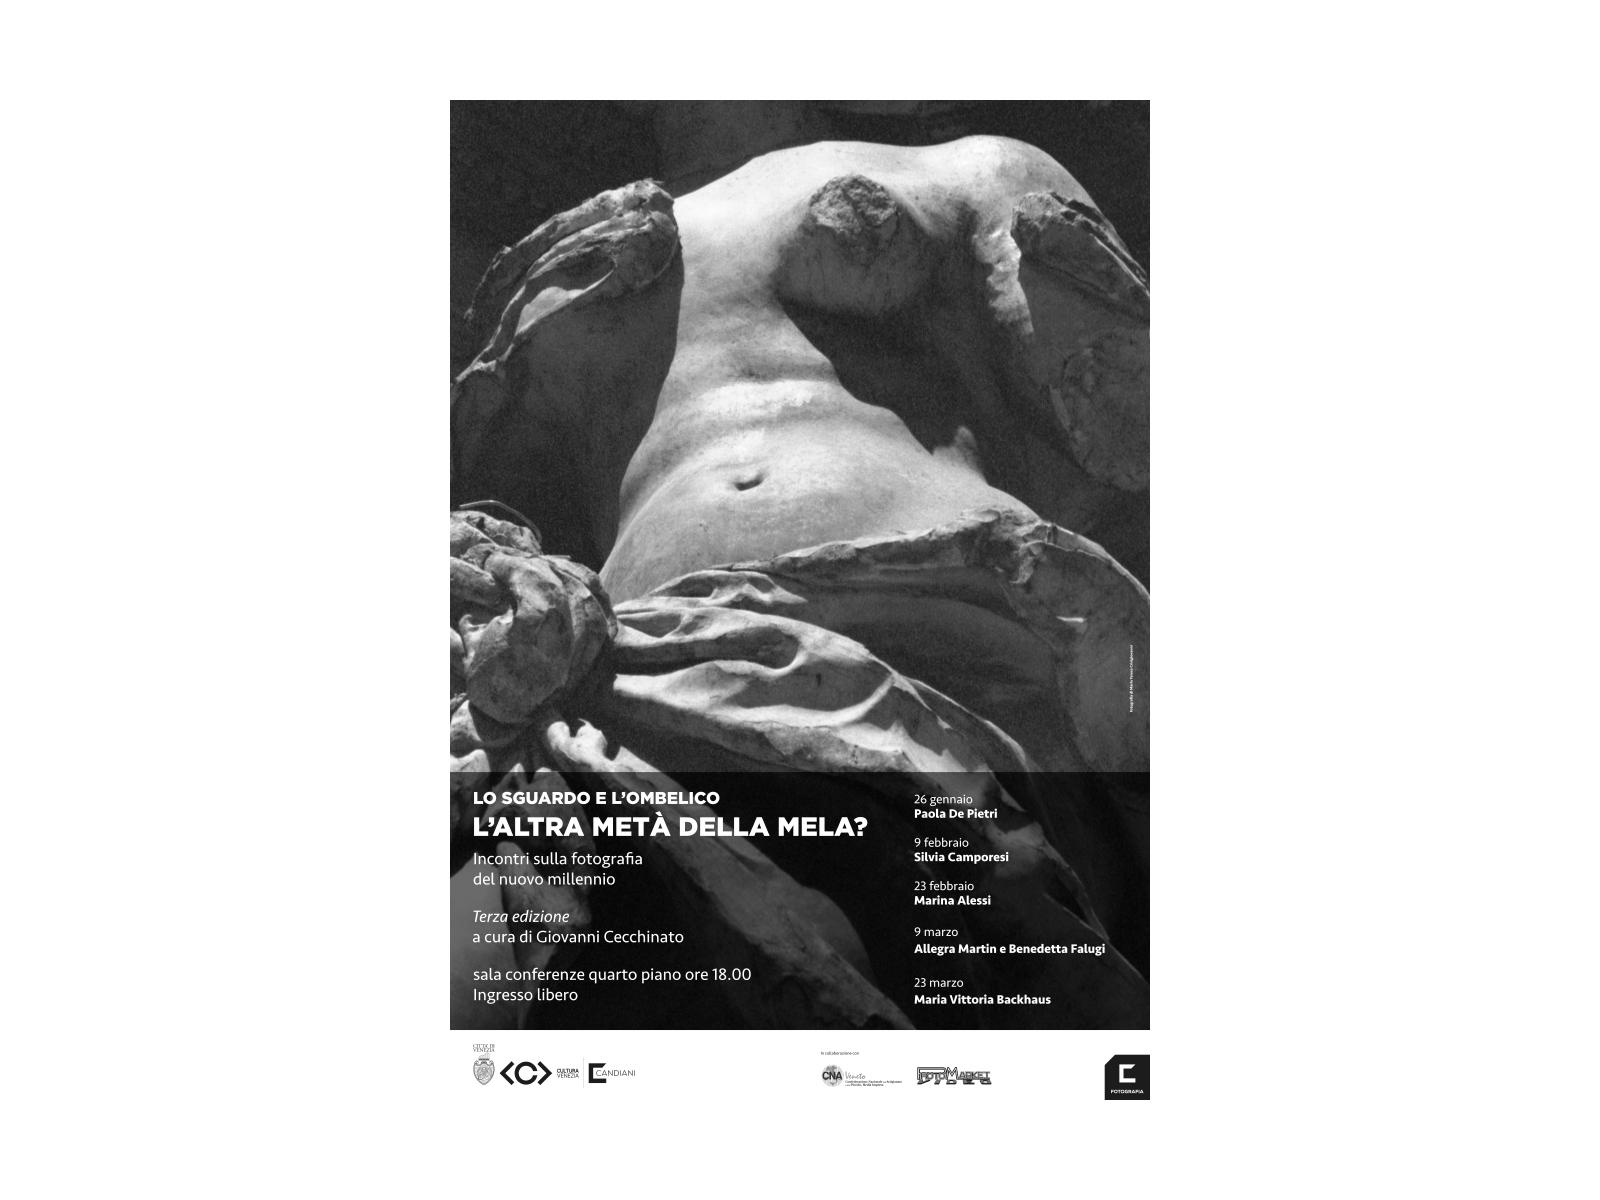 2019 - Lo Sguardo e l'Ombelico - Terza Edizione  - Locandina